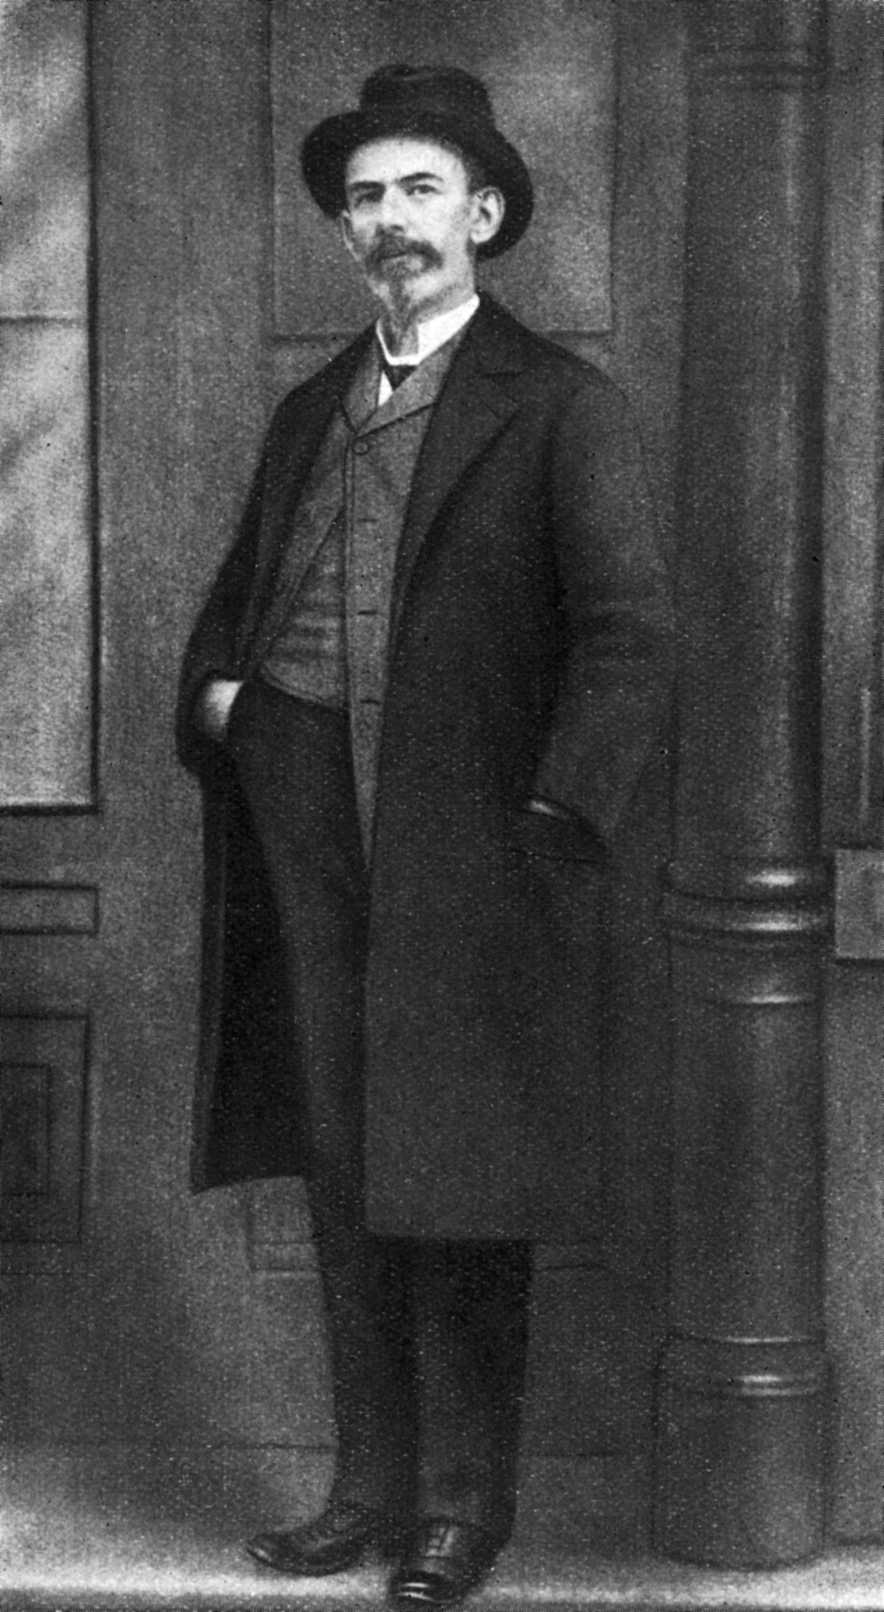 Josef Peukert fotografiat per Scholl (Chicago, 1906)